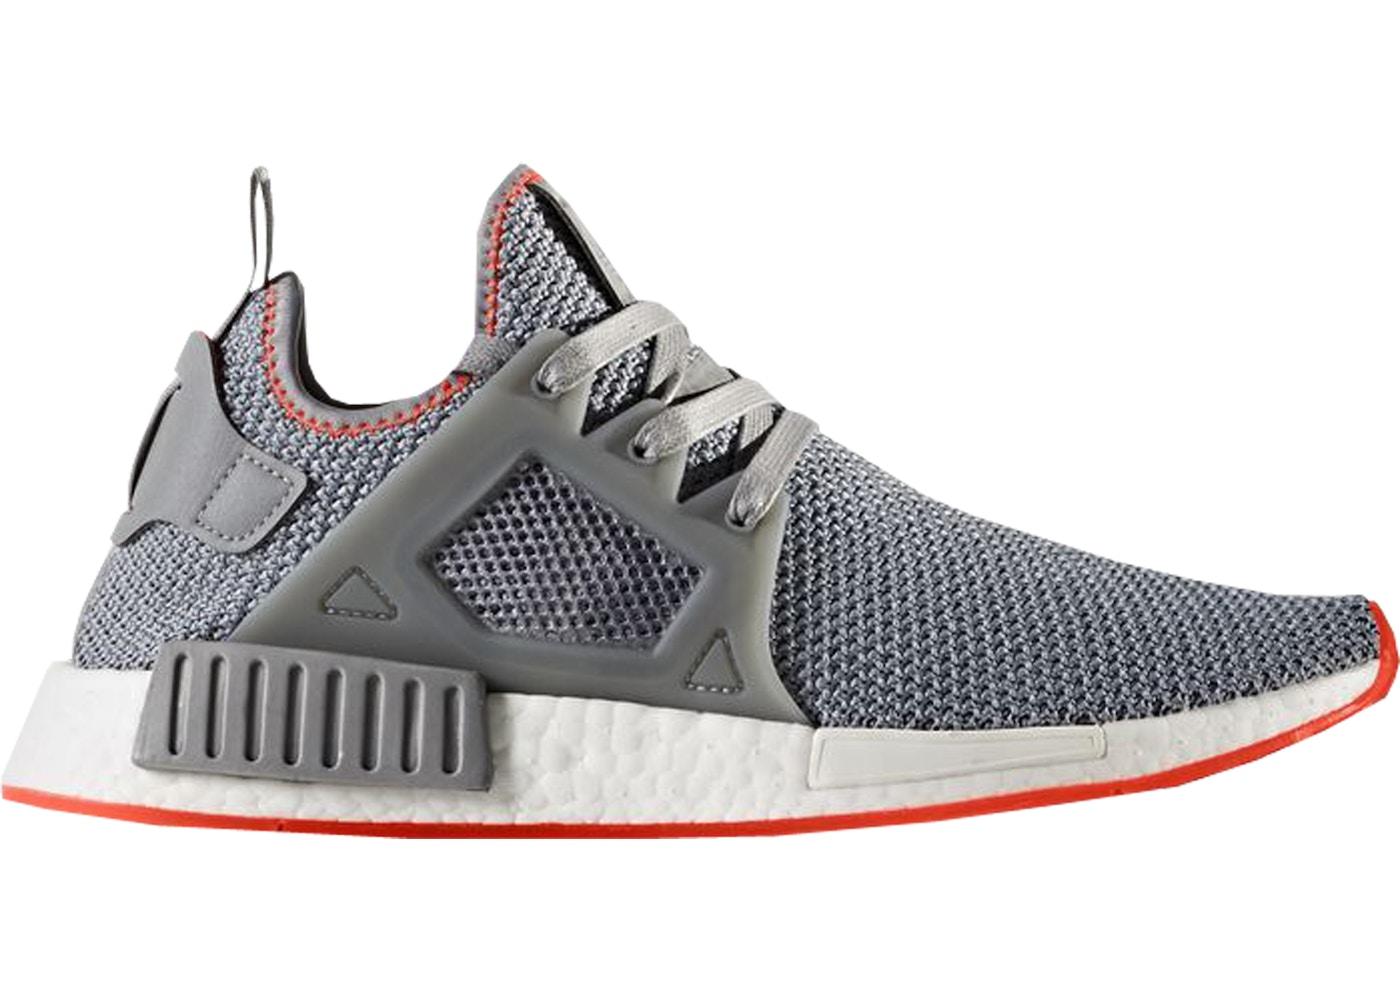 adidas nmd xr1 grey red